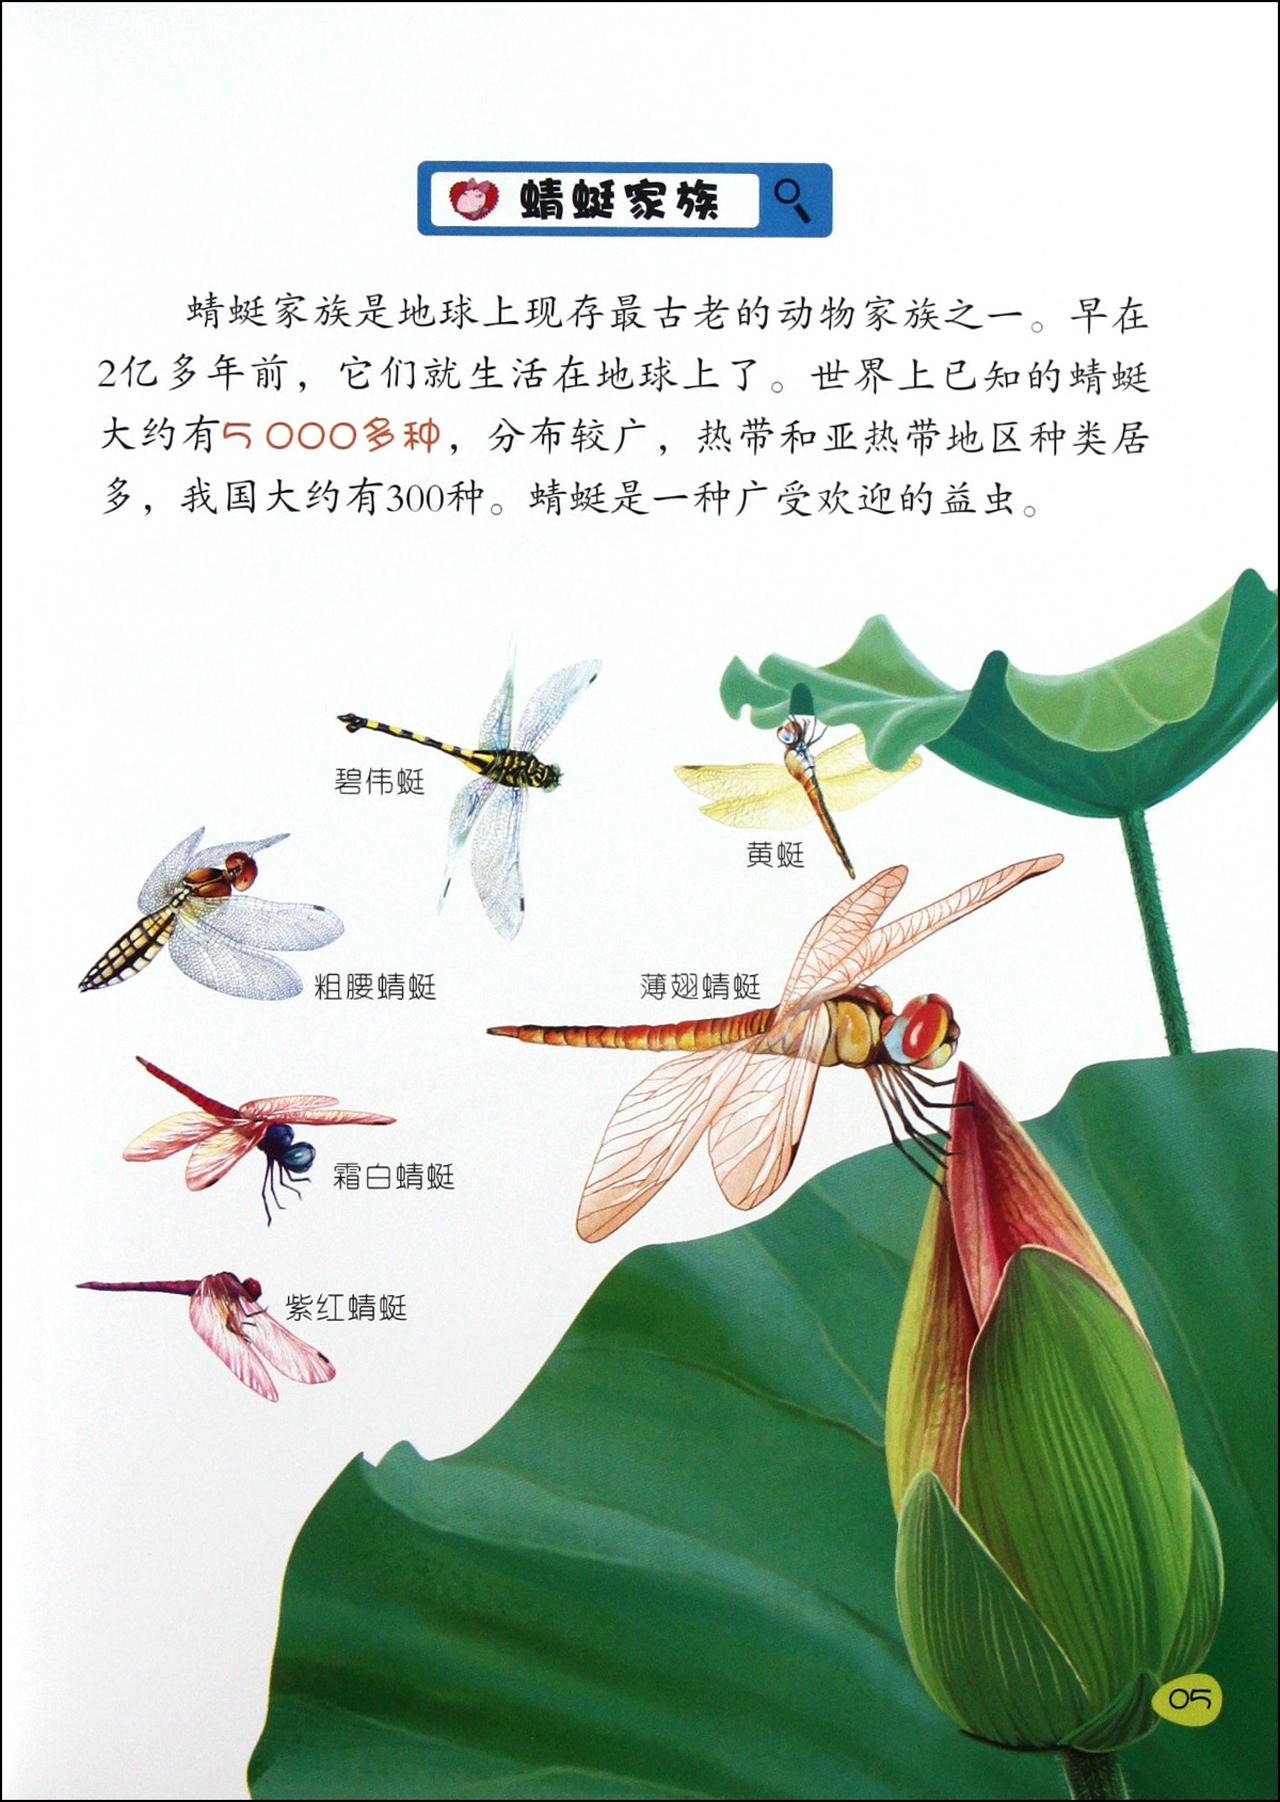 目录 蜻蜓家族 蜻蜓的身体结构 数不清的眼睛 薄而透明的翅膀 特技